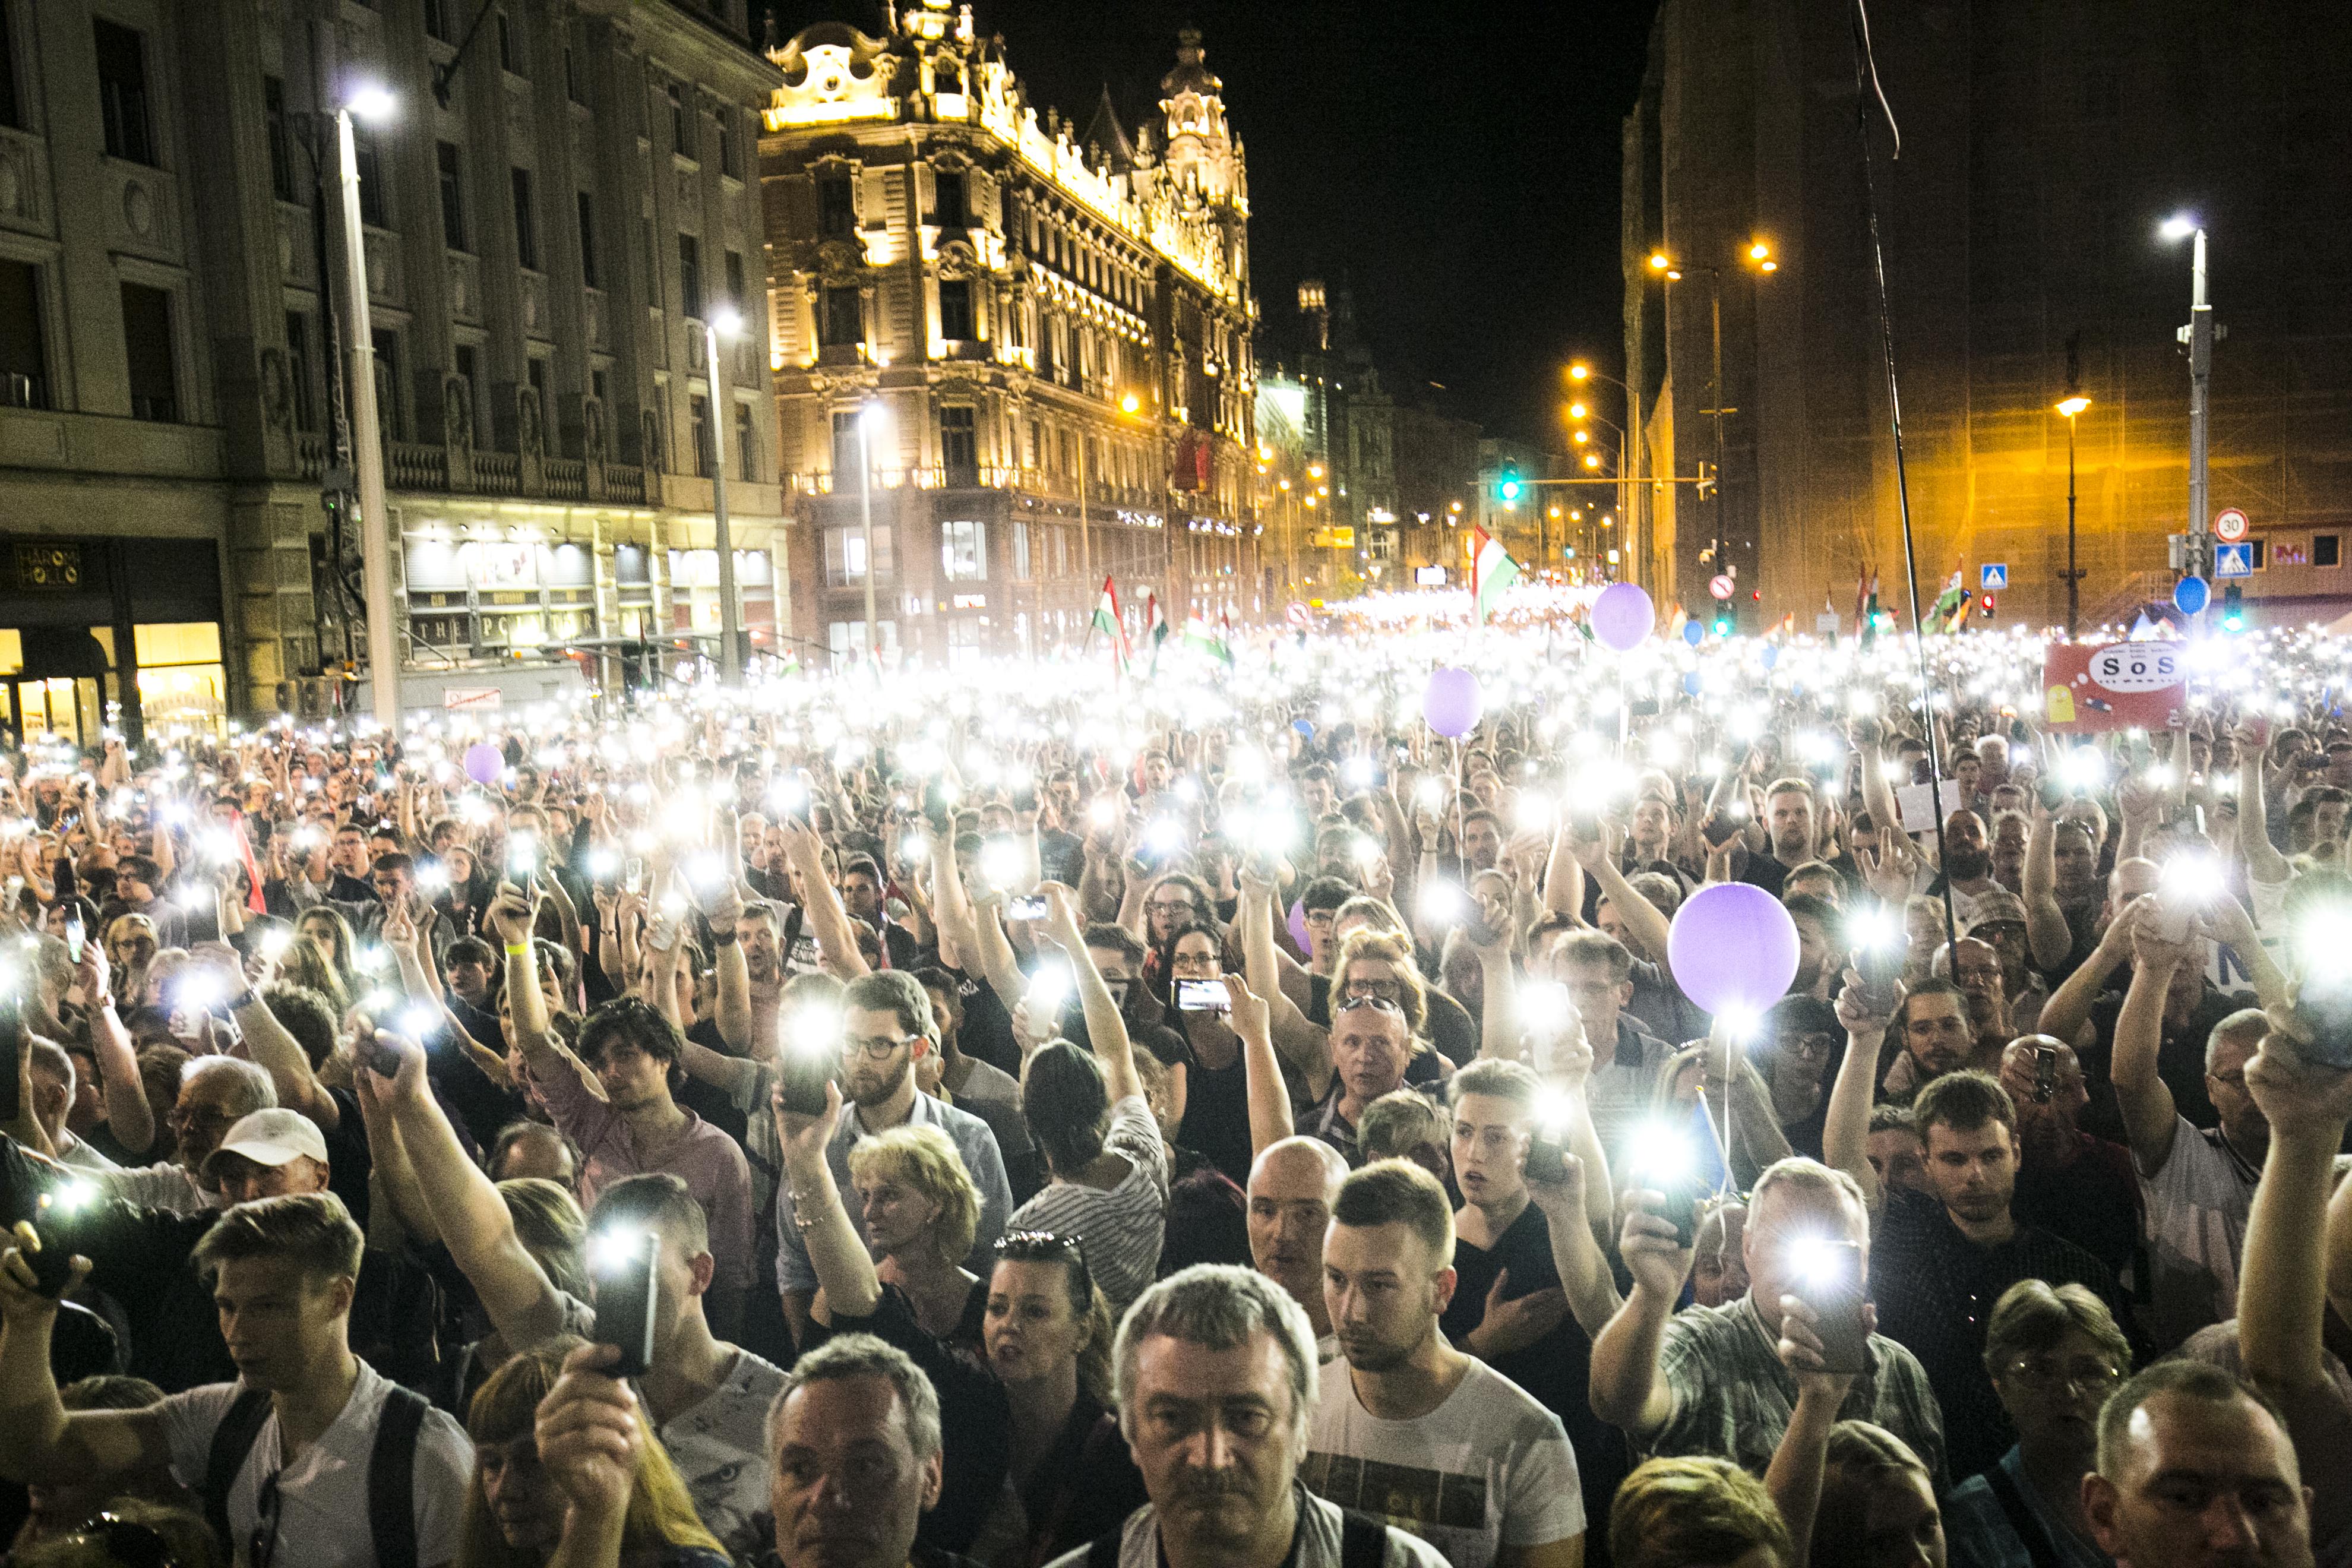 Összevissza beszél a Fidesz a gyülekezési jog korlátozásáról